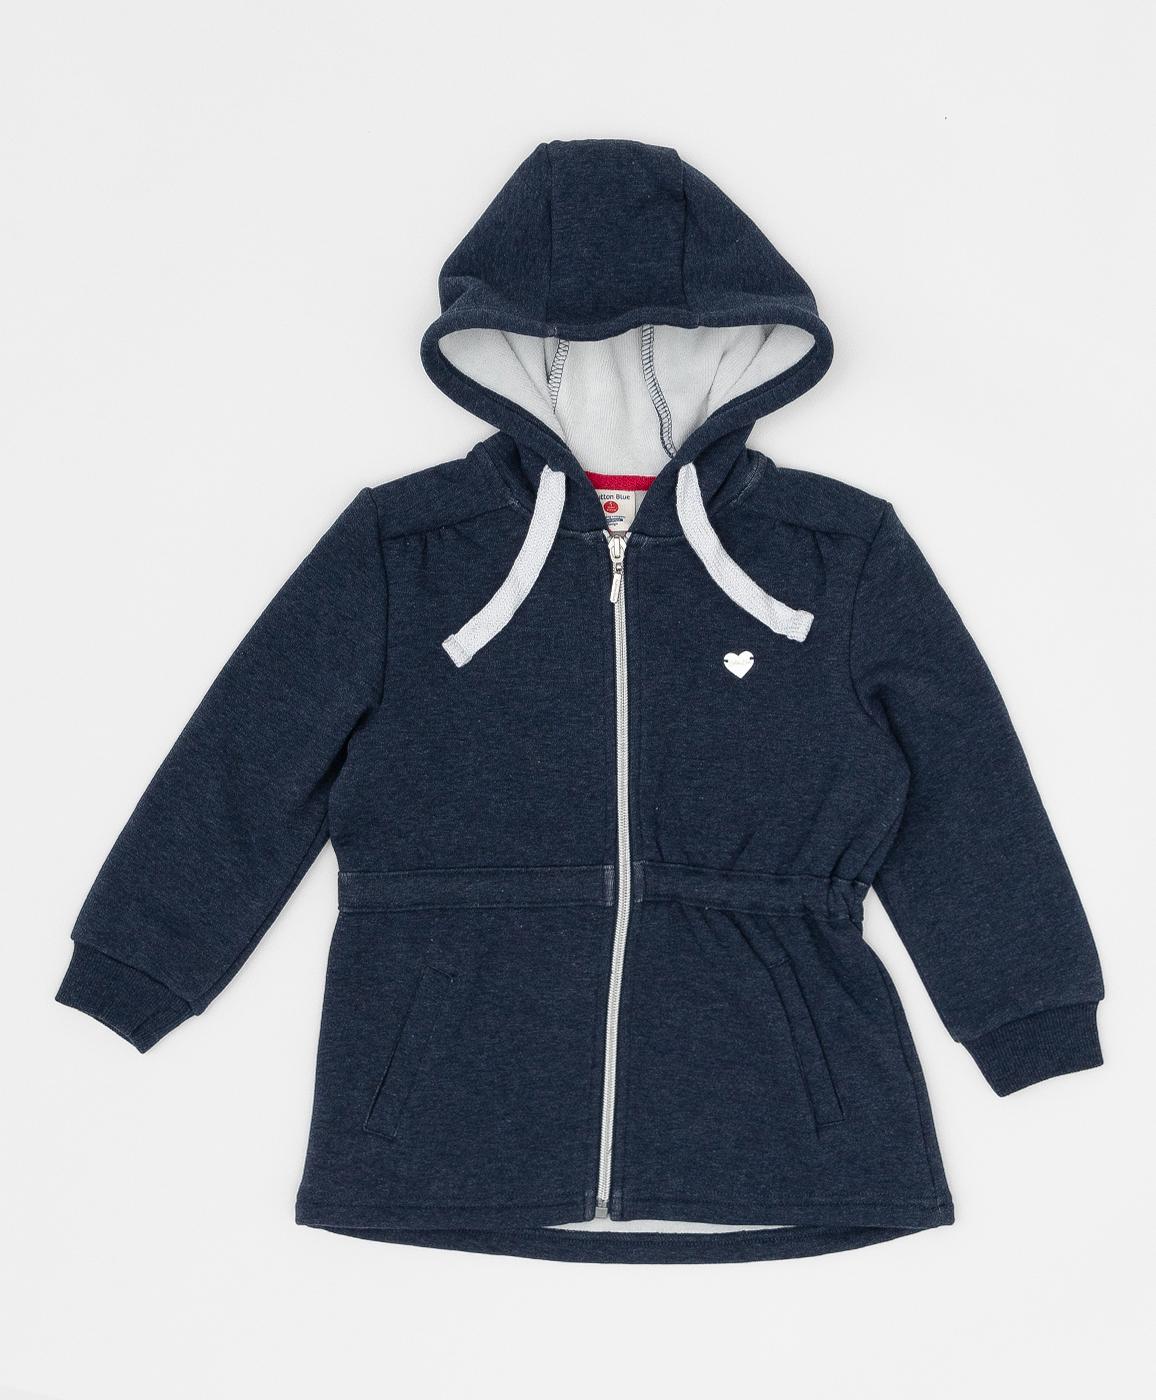 Купить 220BBGMC16041000, Синяя толстовка с принтом Button Blue, синий, 98, Бондированное трикотажное полотно, Женский, Зима, ОСЕНЬ/ЗИМА 2020-2021 (shop: GulliverMarket Gulliver Market)